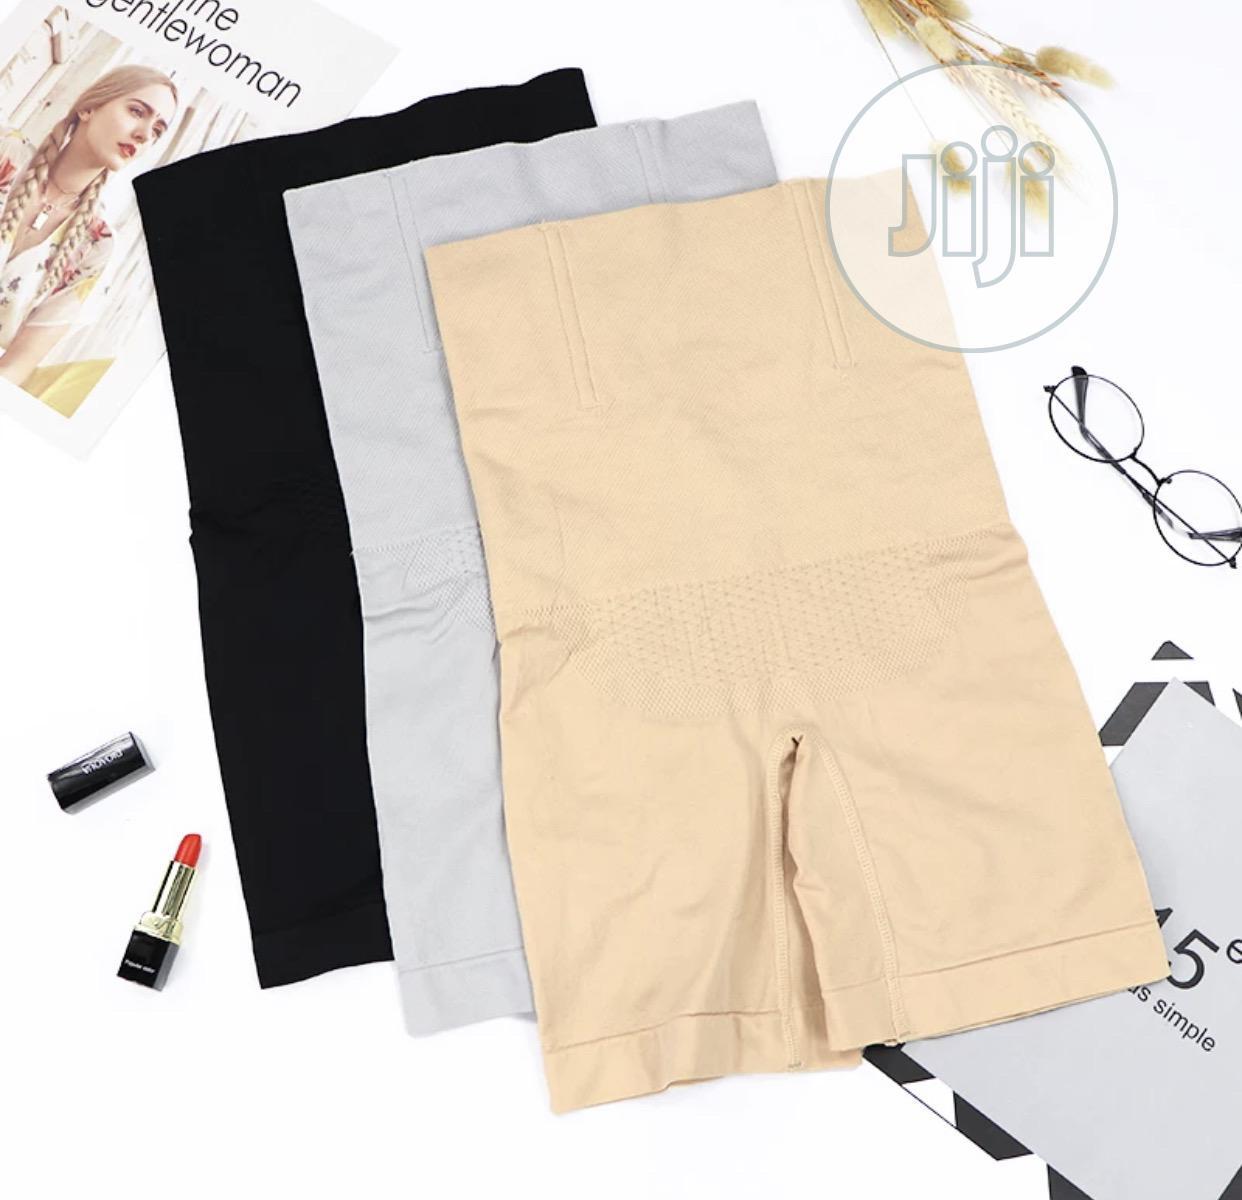 Archive: Women High Waist Body Shape Wear/Trainer/Girdle- Black